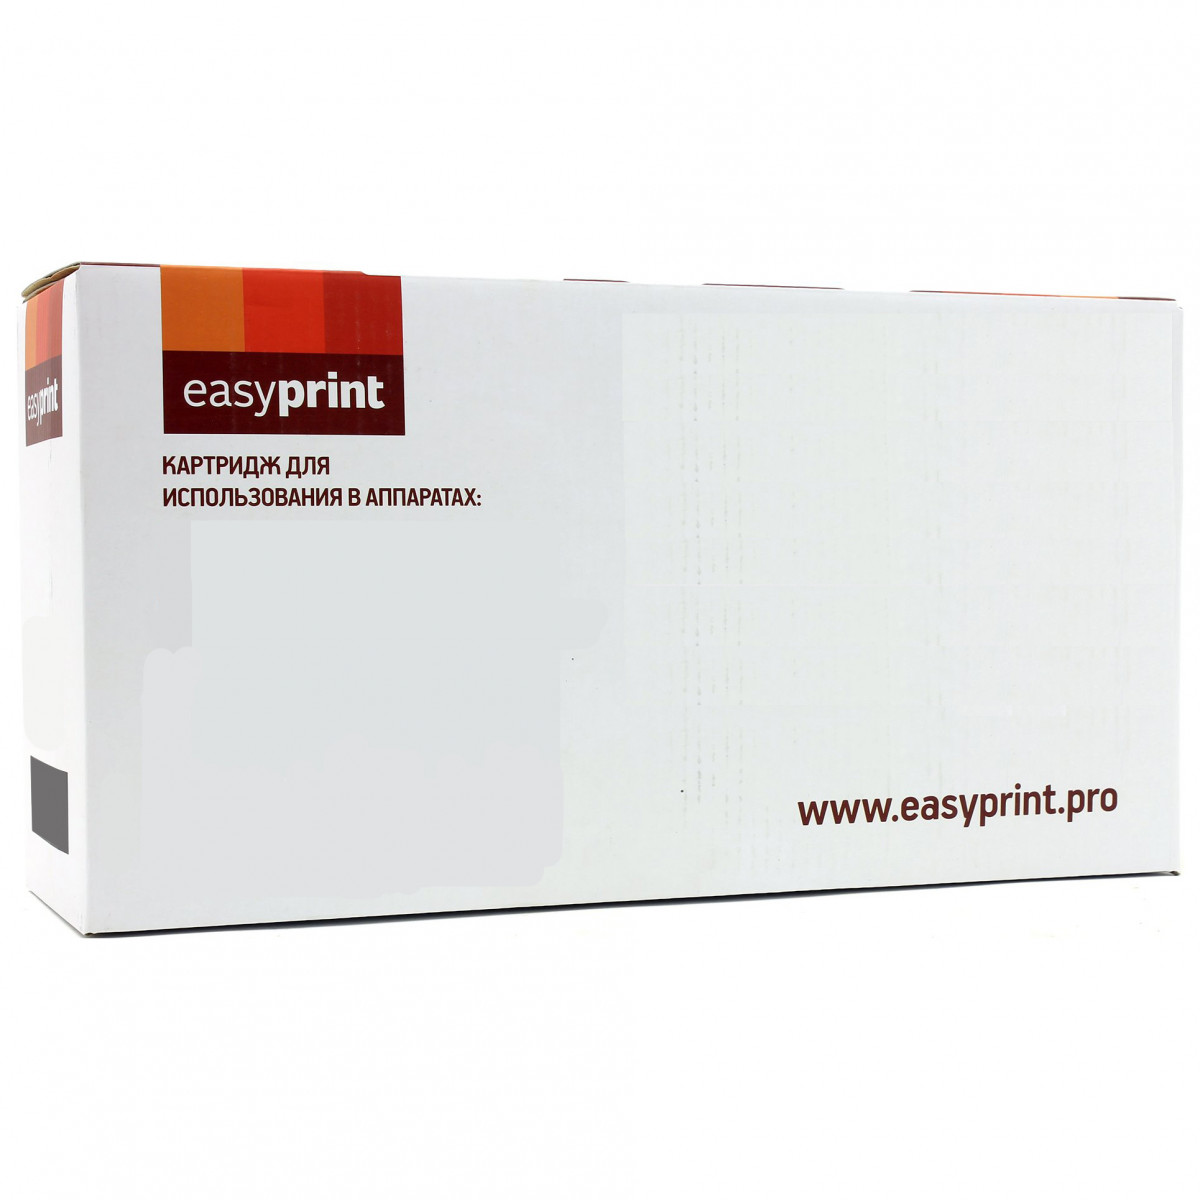 Картридж EasyPrint Q2610A 10A для HP